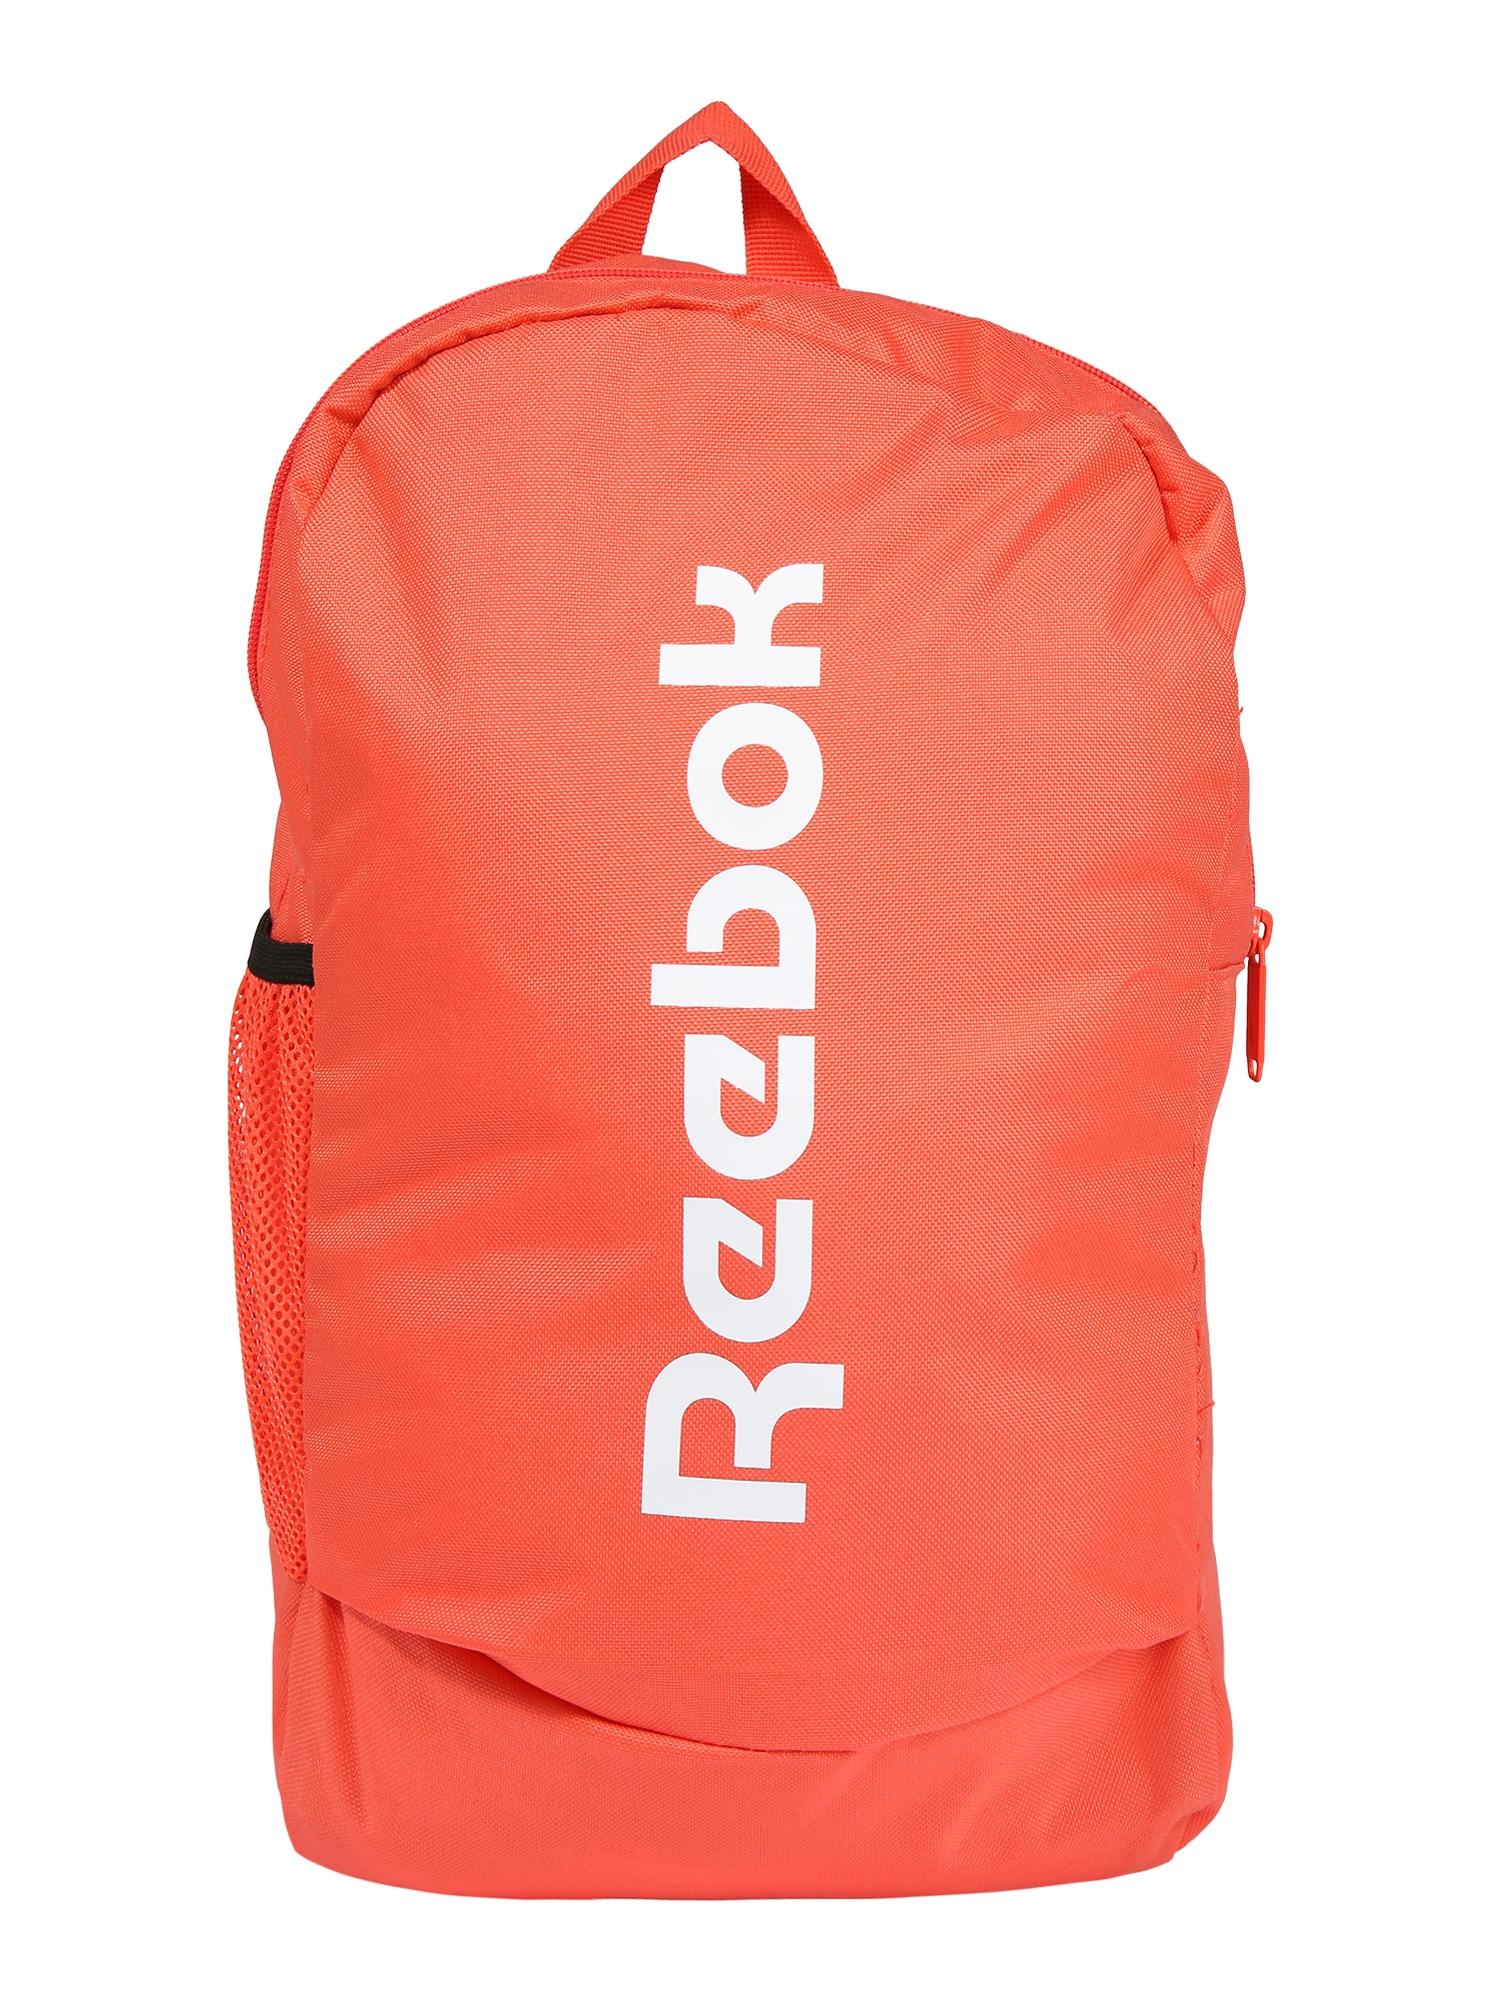 REEBOK Sportinė kuprinė oranžinė / balta